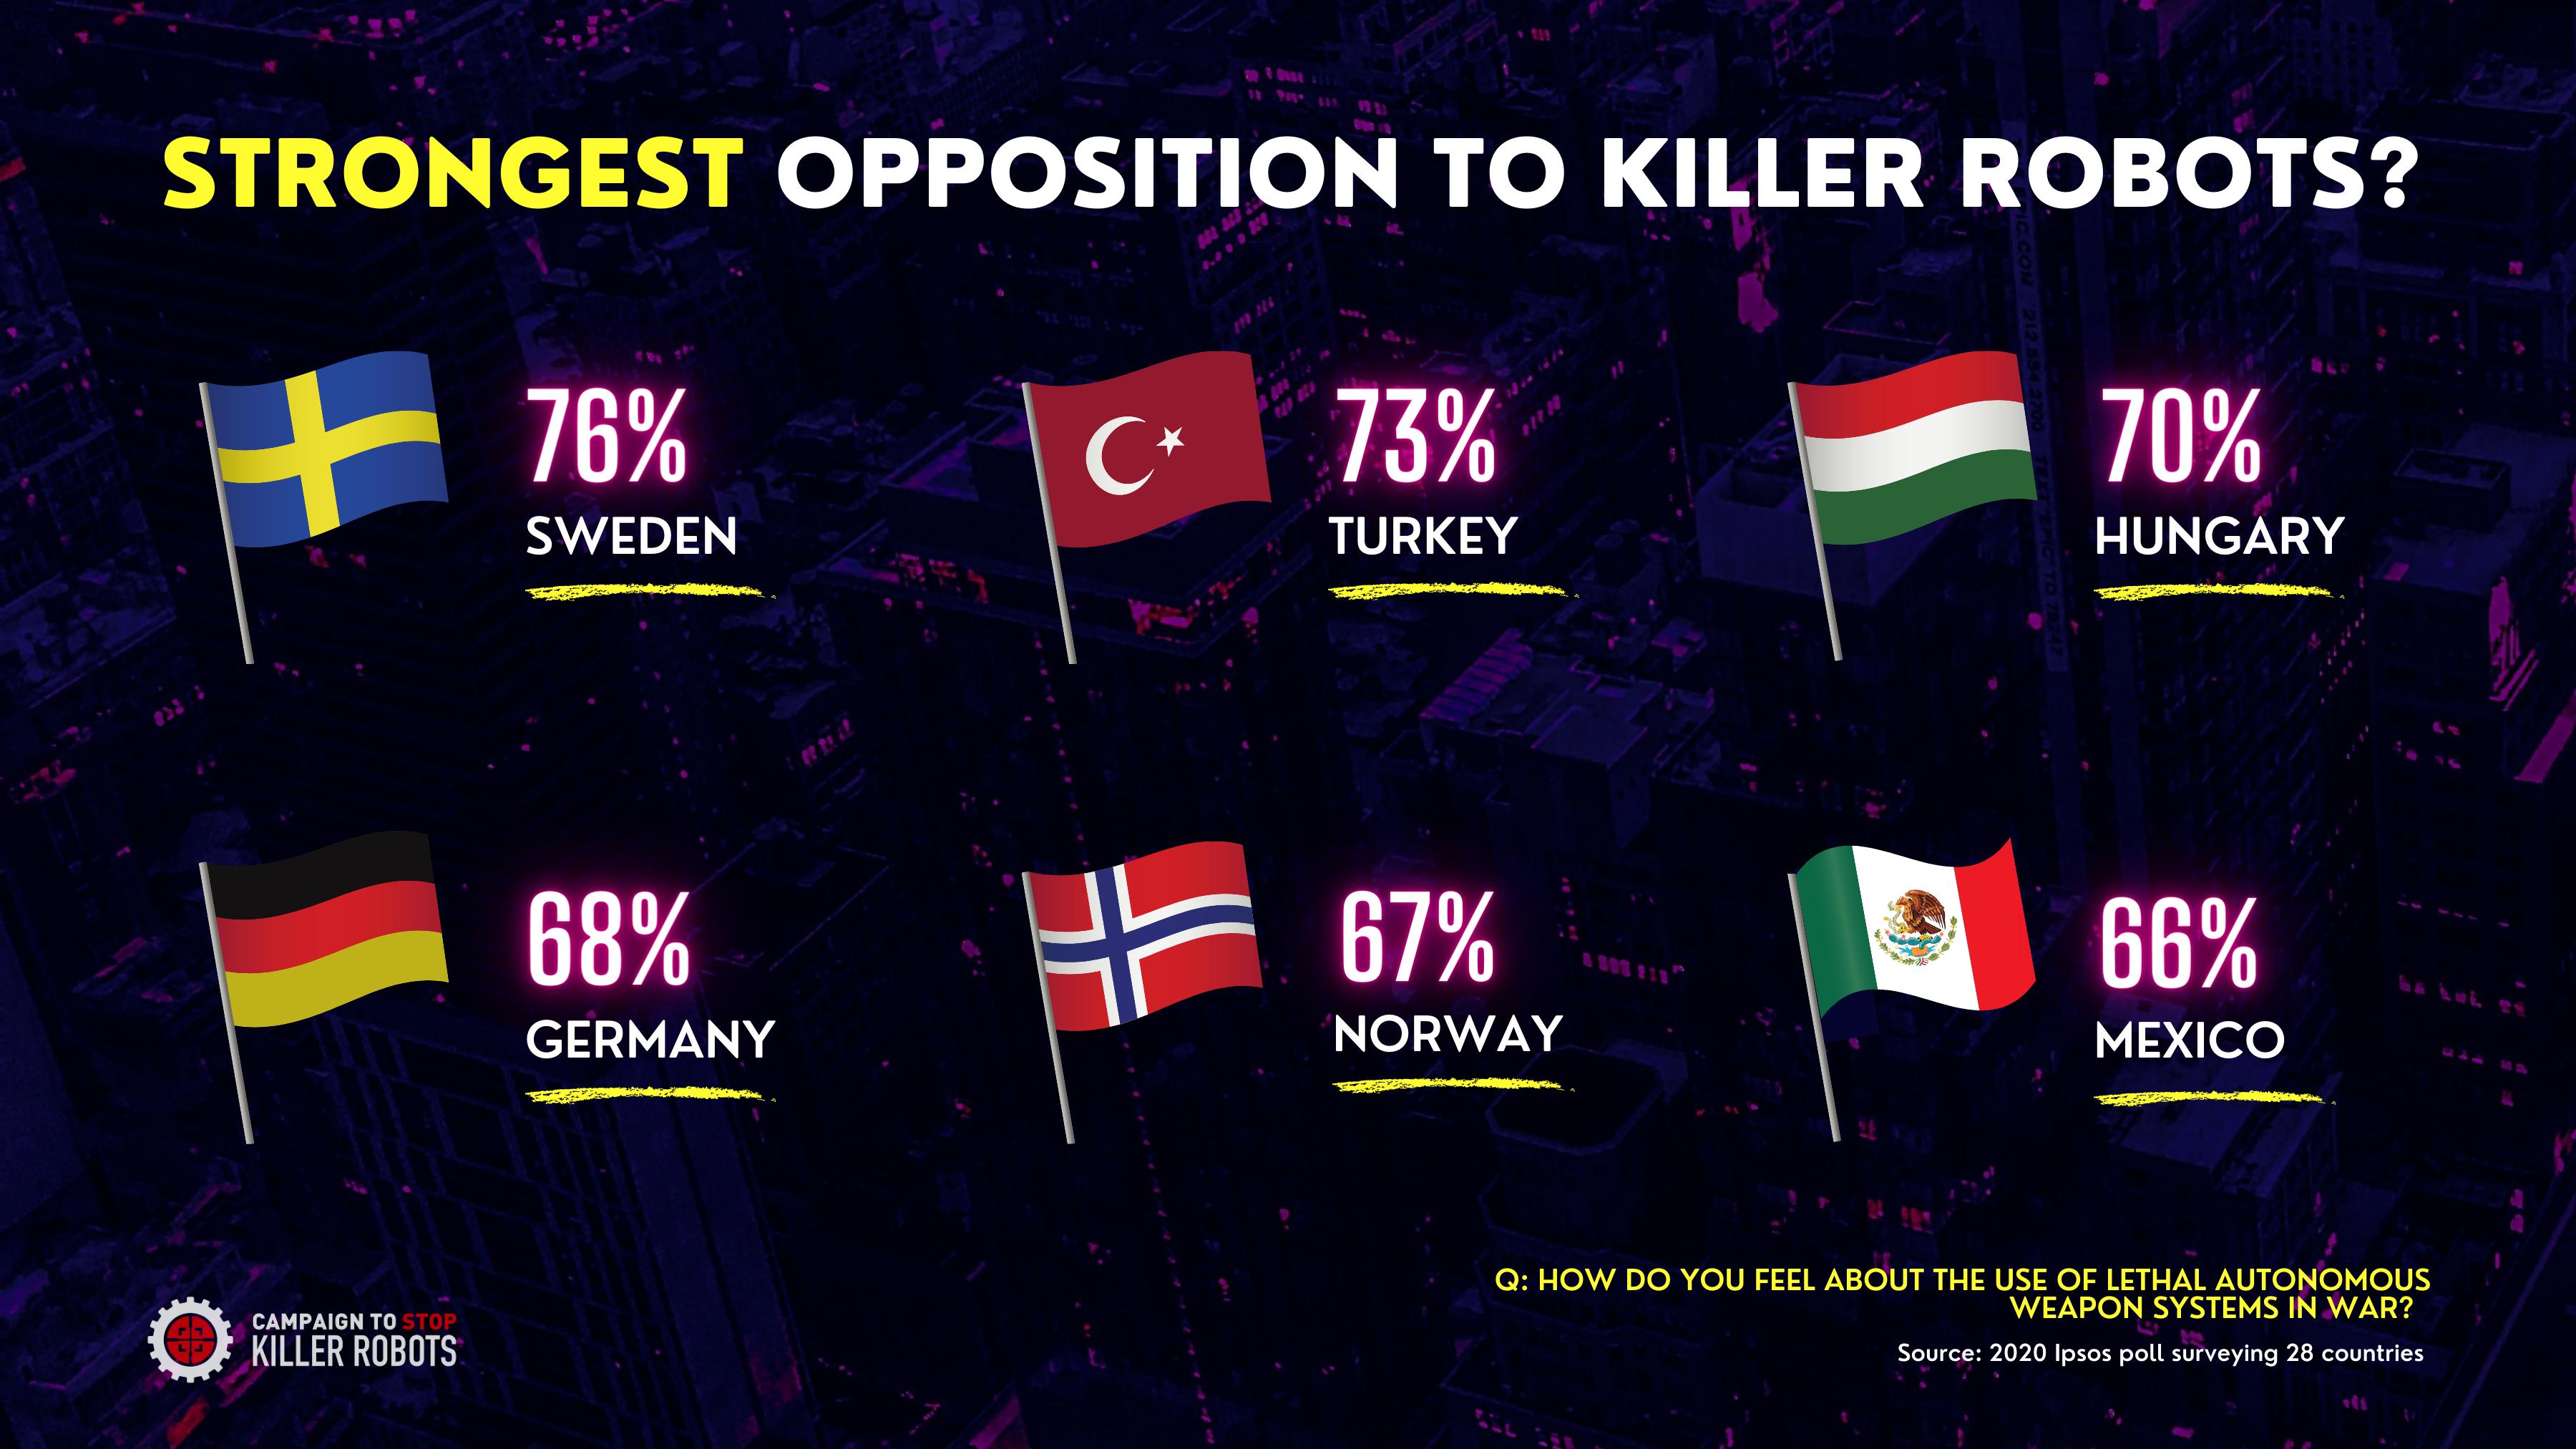 A megkérdezettek többsége Magyarországon nem akar gyilkos robotokat látni az IPSOS legújabb felmérése sz…